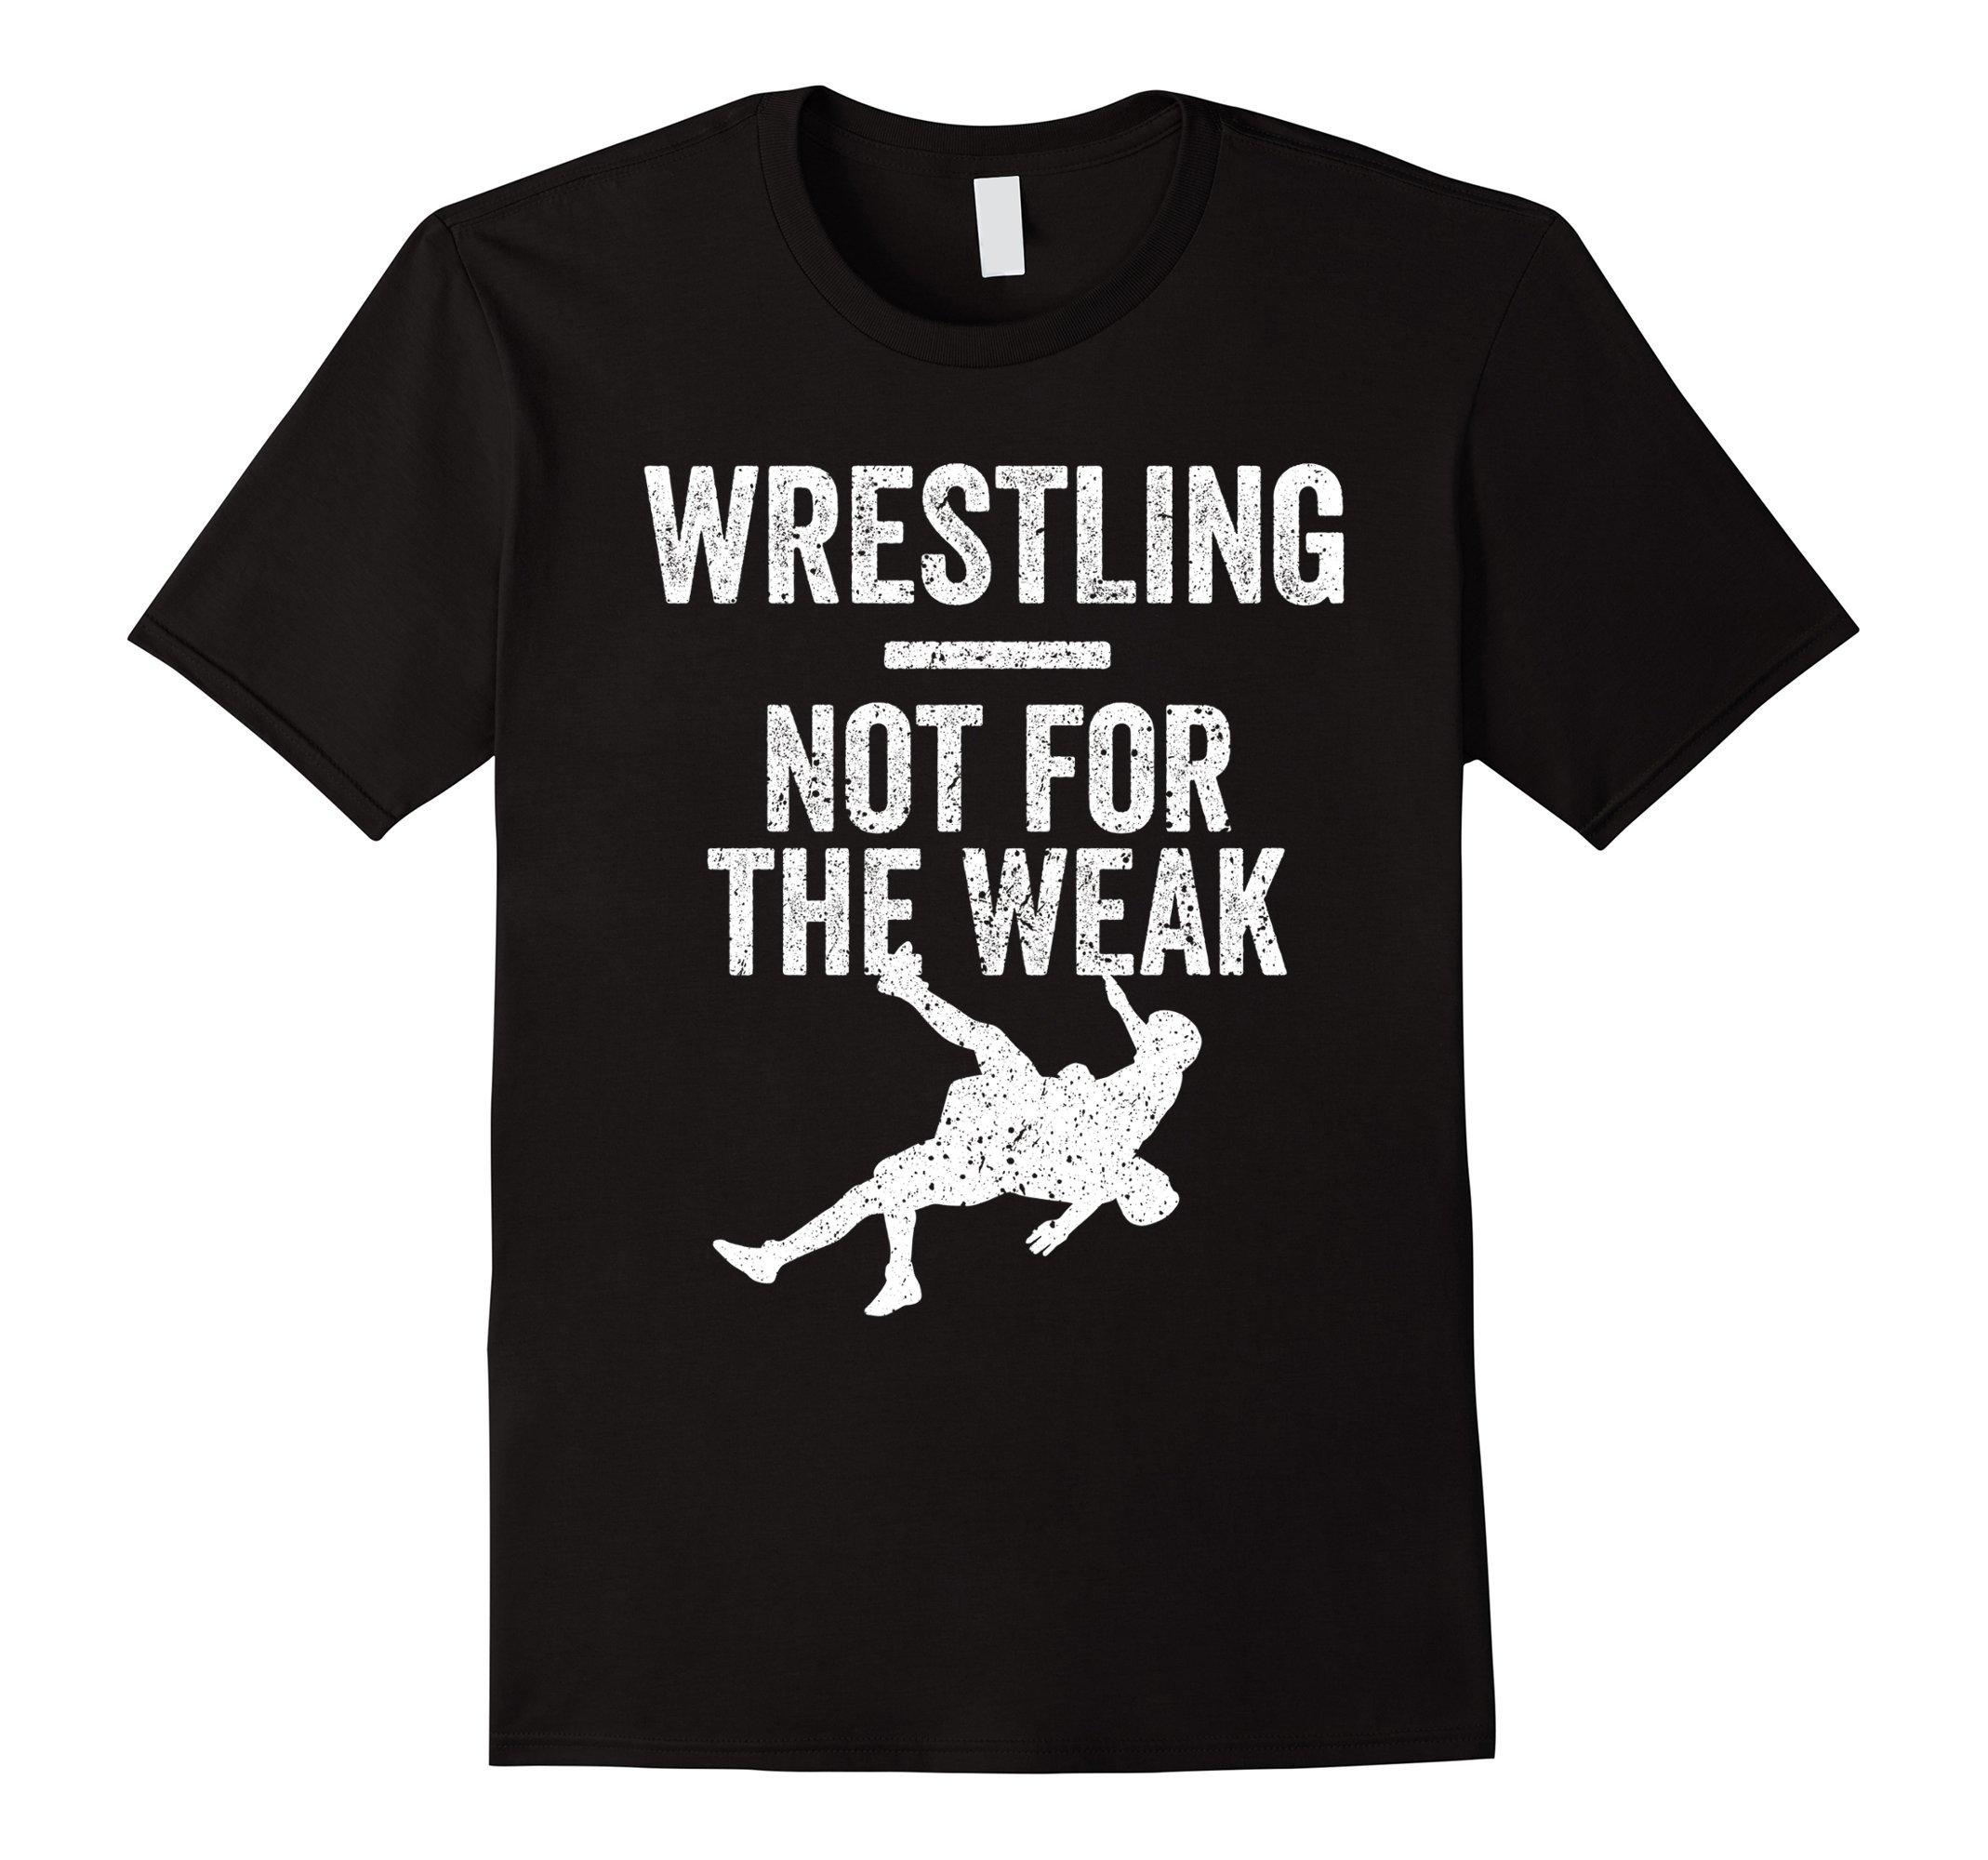 Mens Not For The Weak Wrestling Shirt for Wrestlers, Gift, White Medium Black